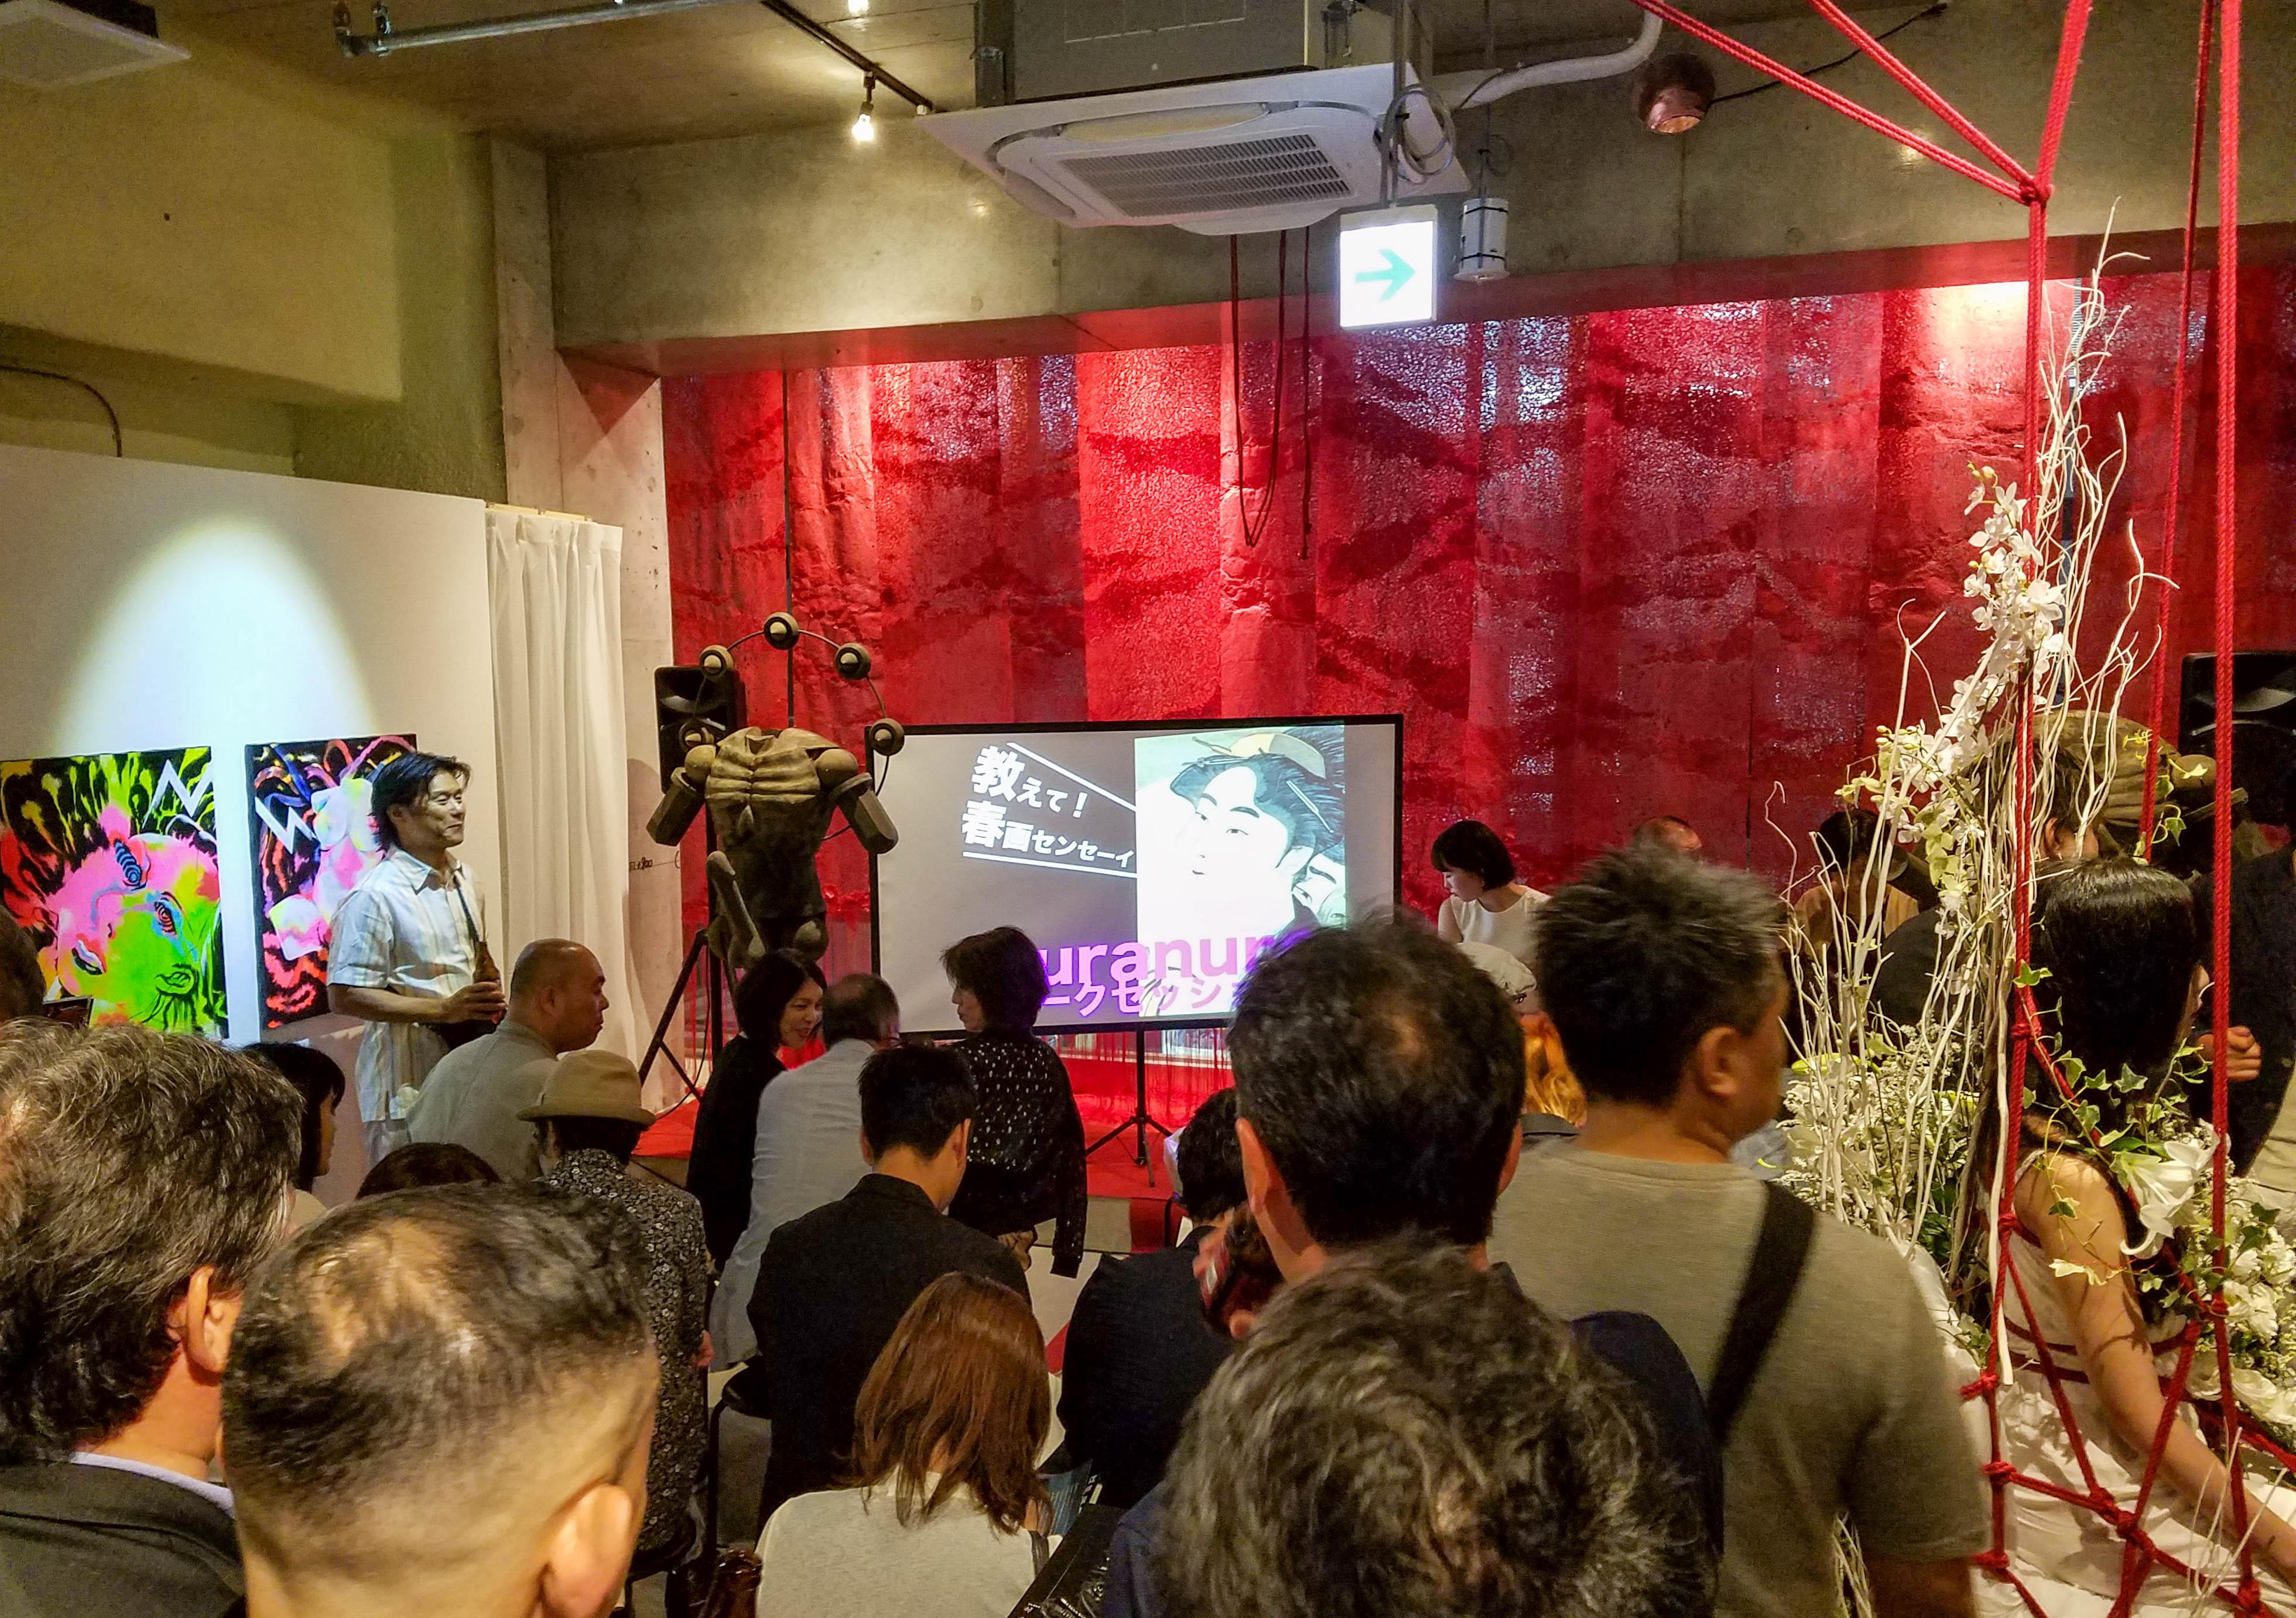 nuranura展2018